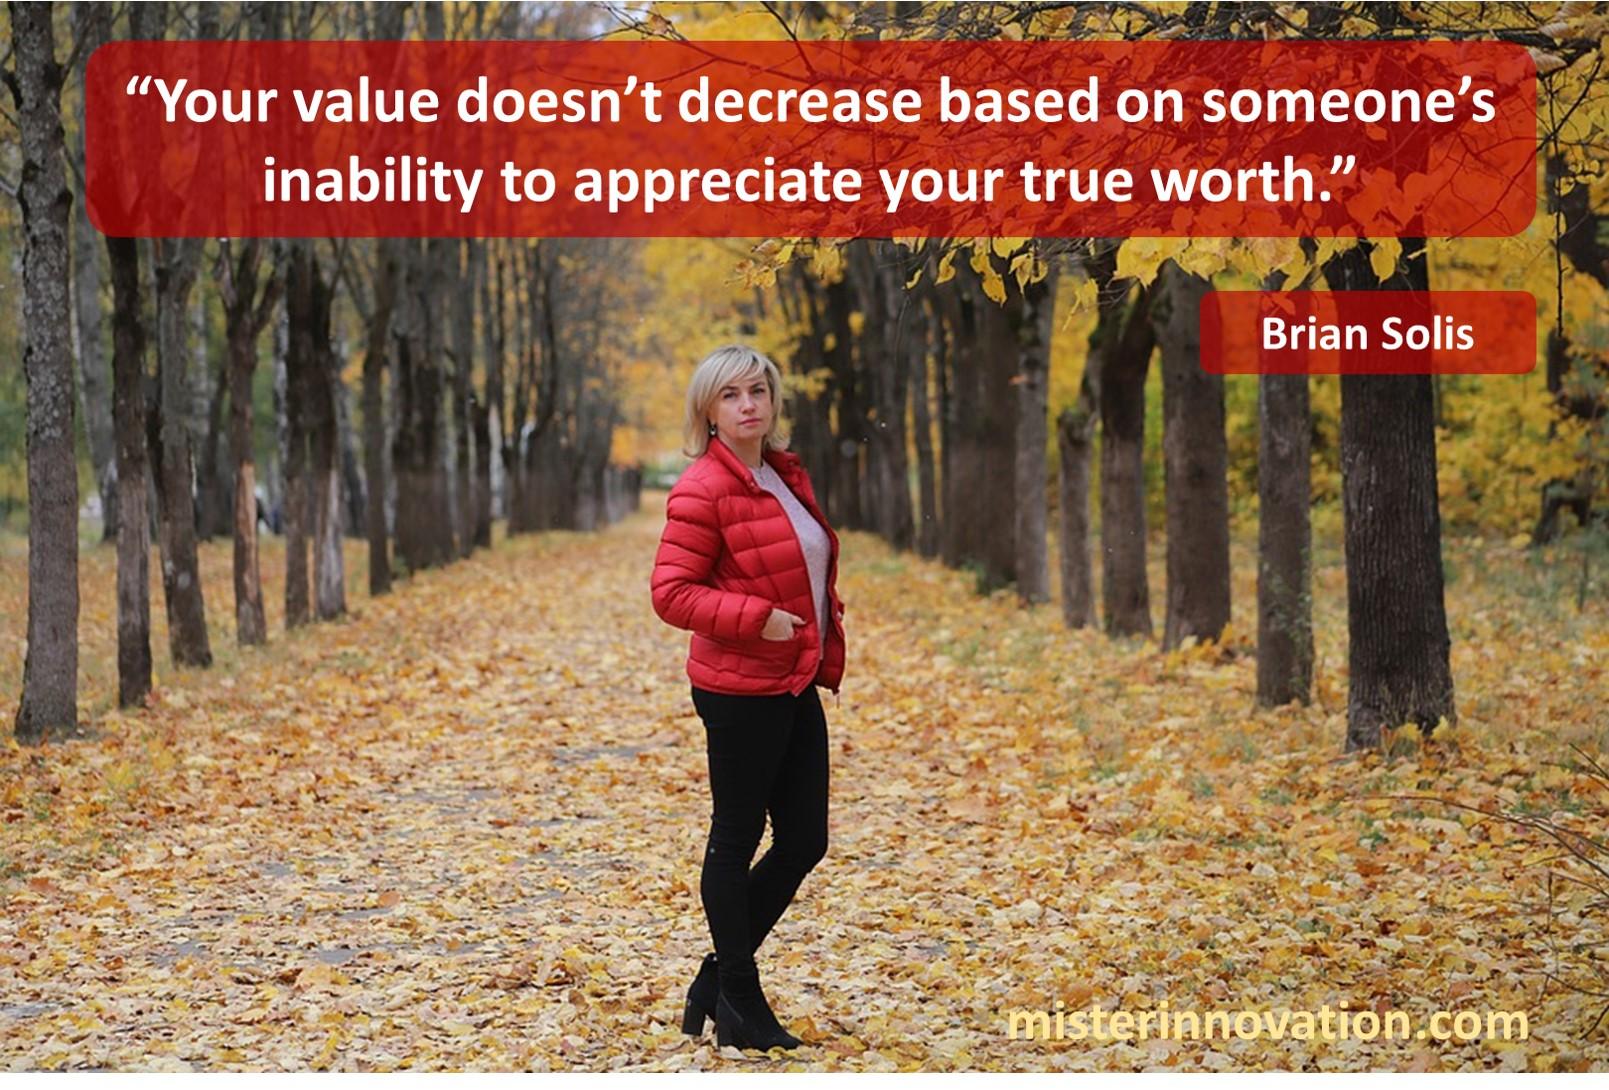 Brian Solis Value